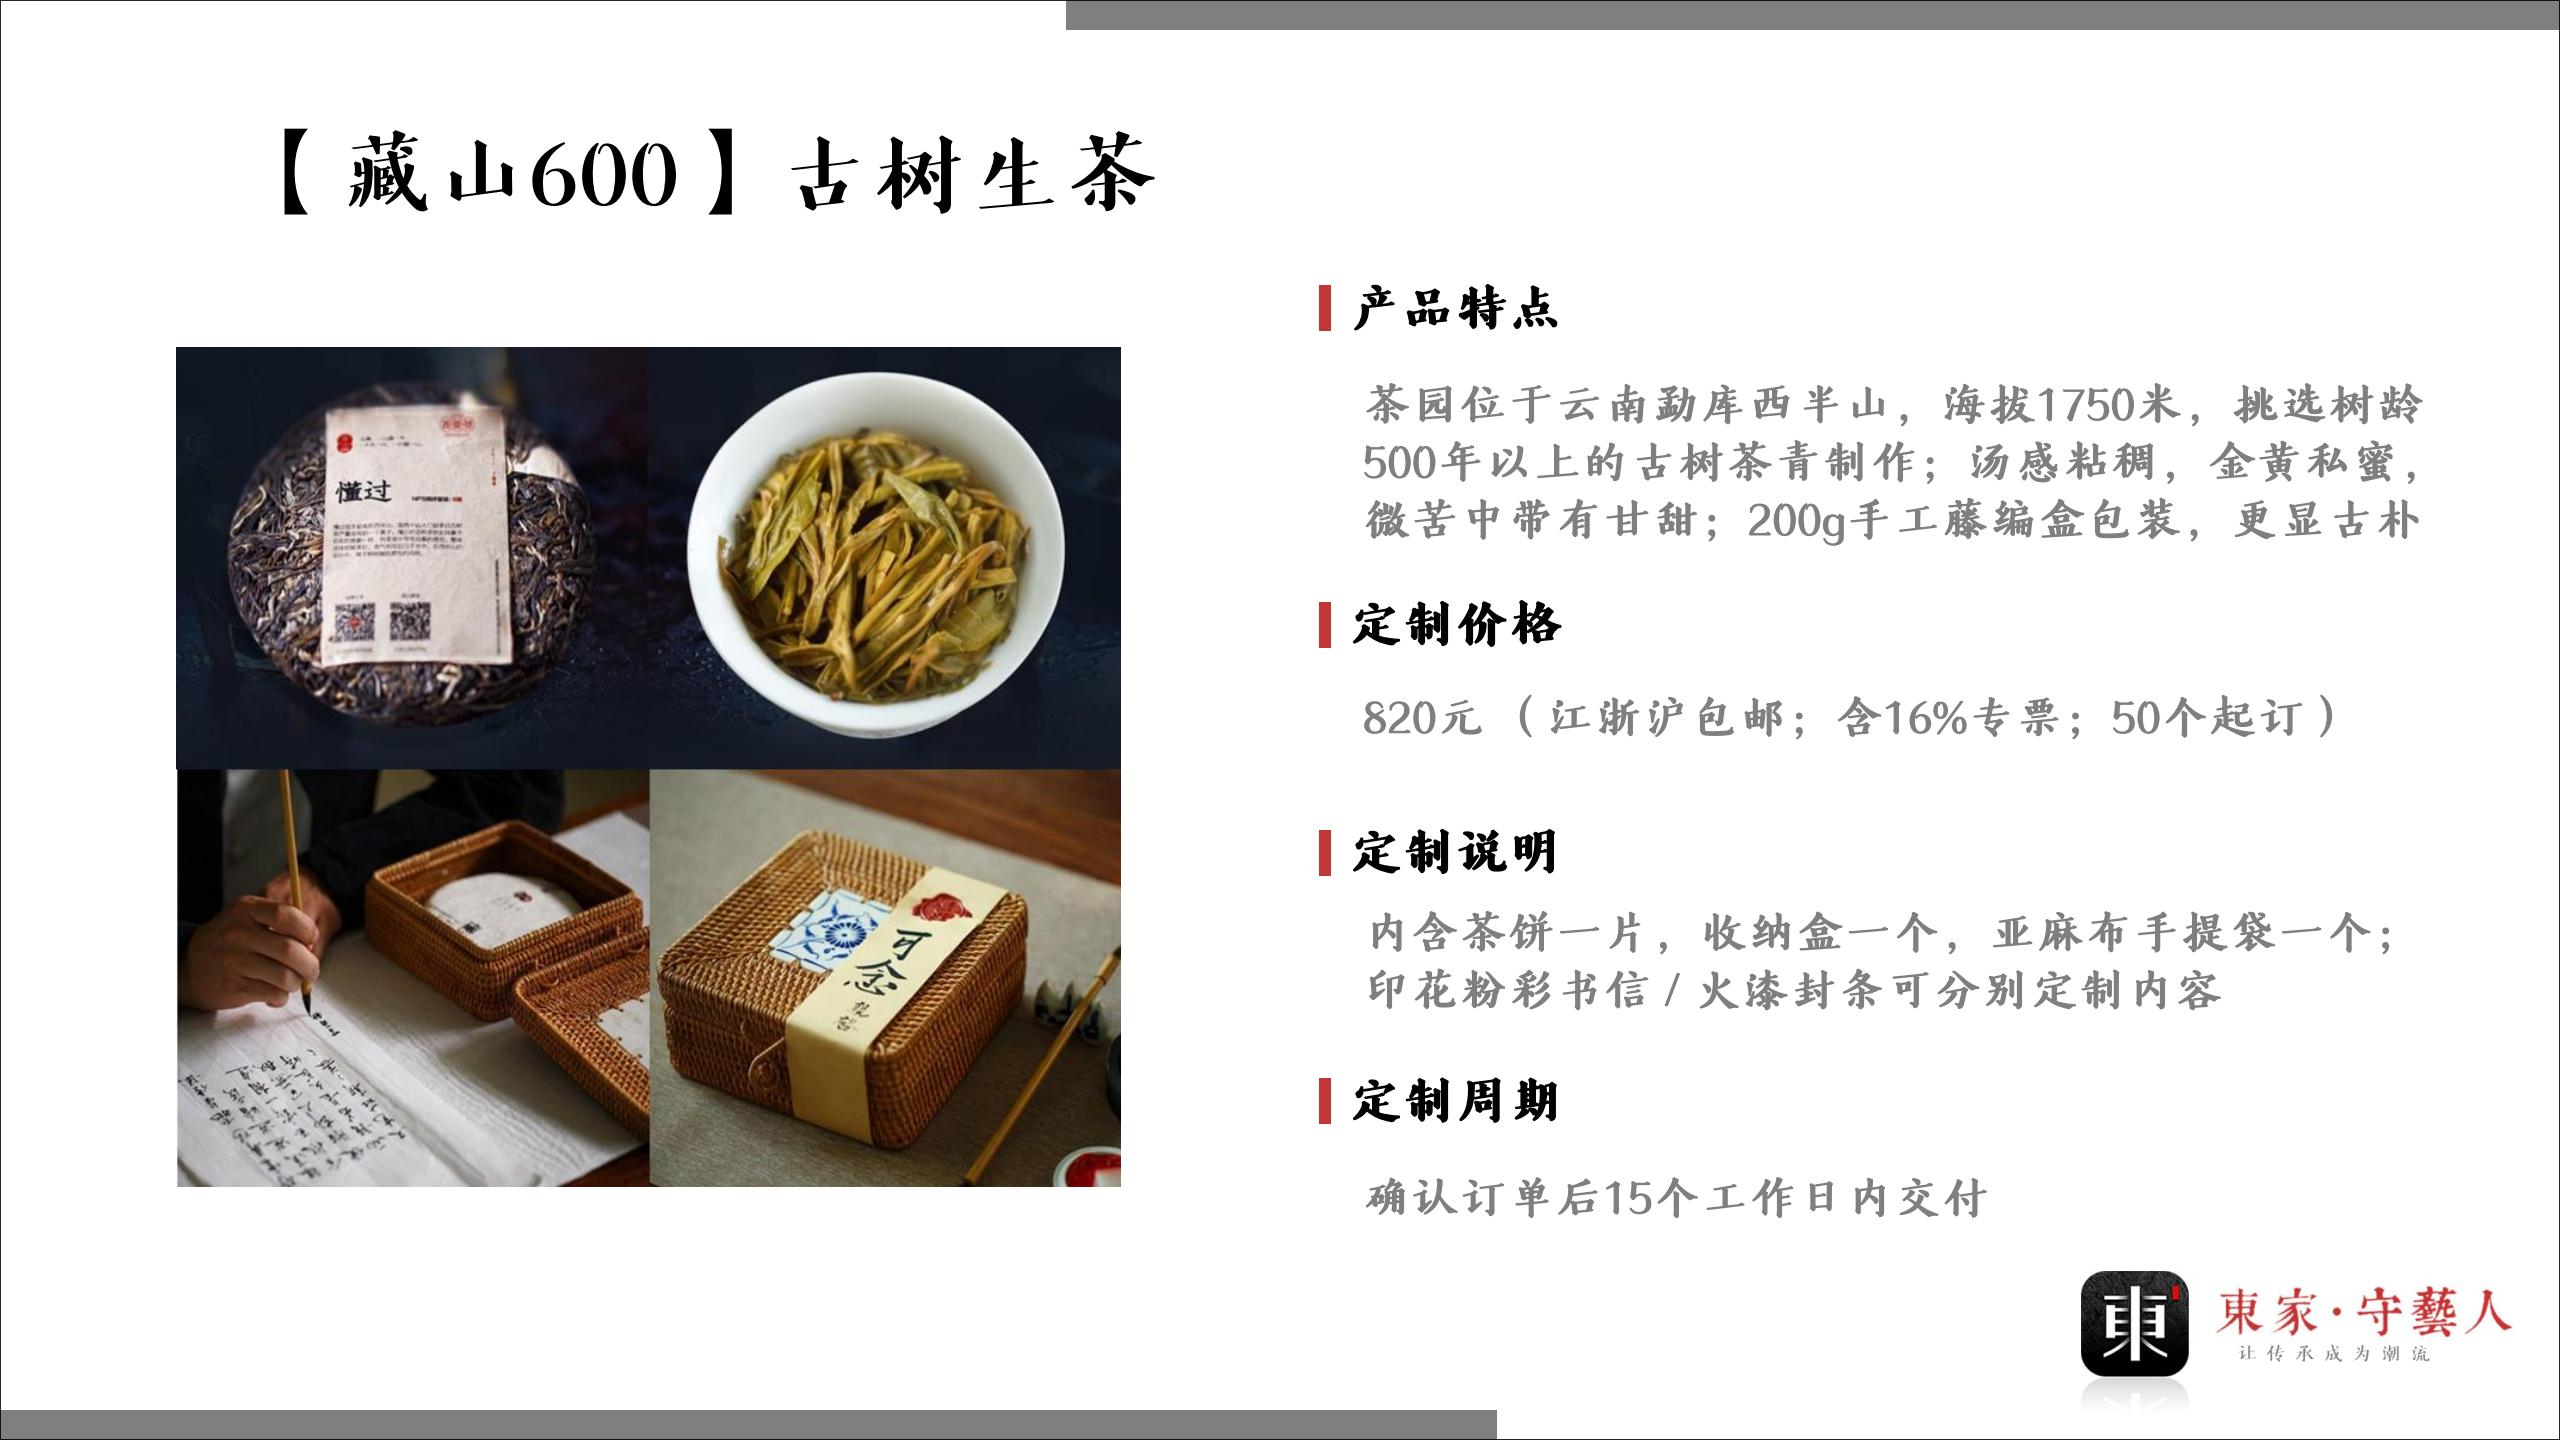 东家定制0831(2)_02.png